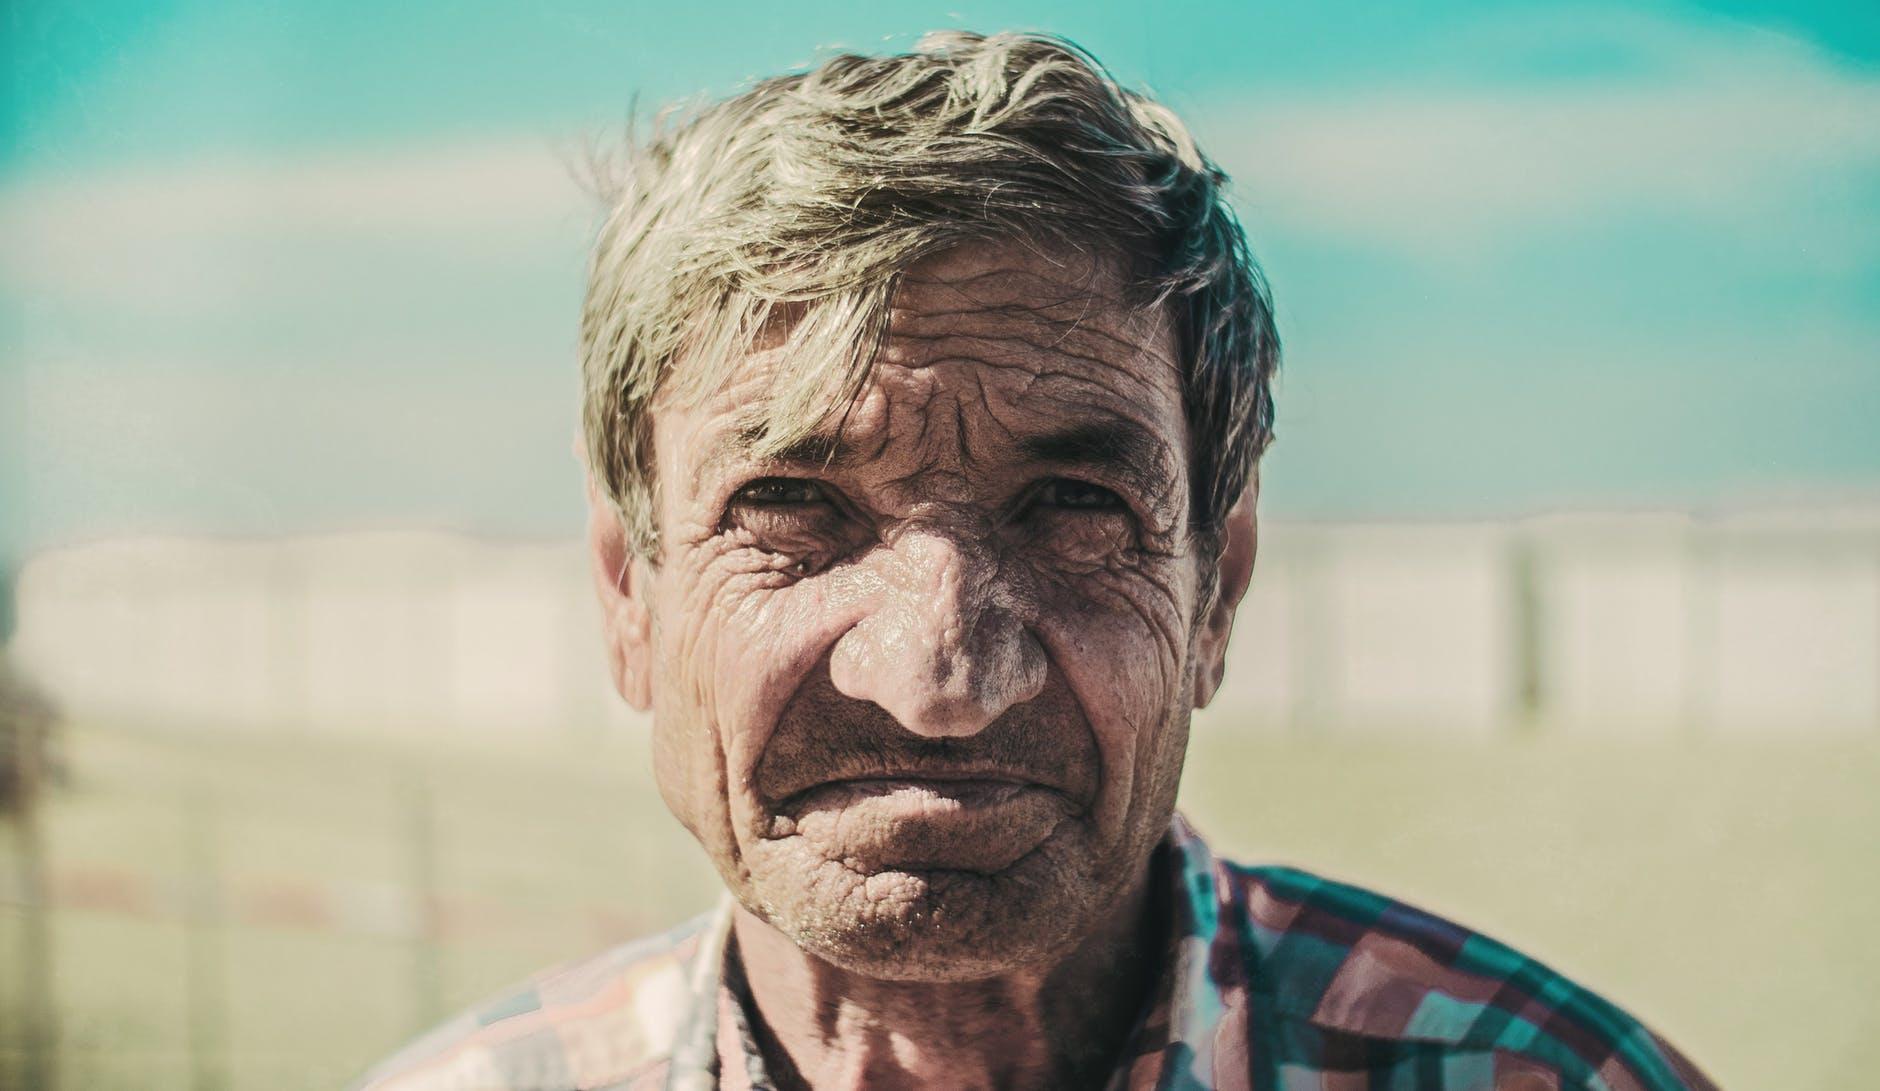 Citation À 72 ans, il perd 55 livres en 4 mois sans effort : la recette à suivre !